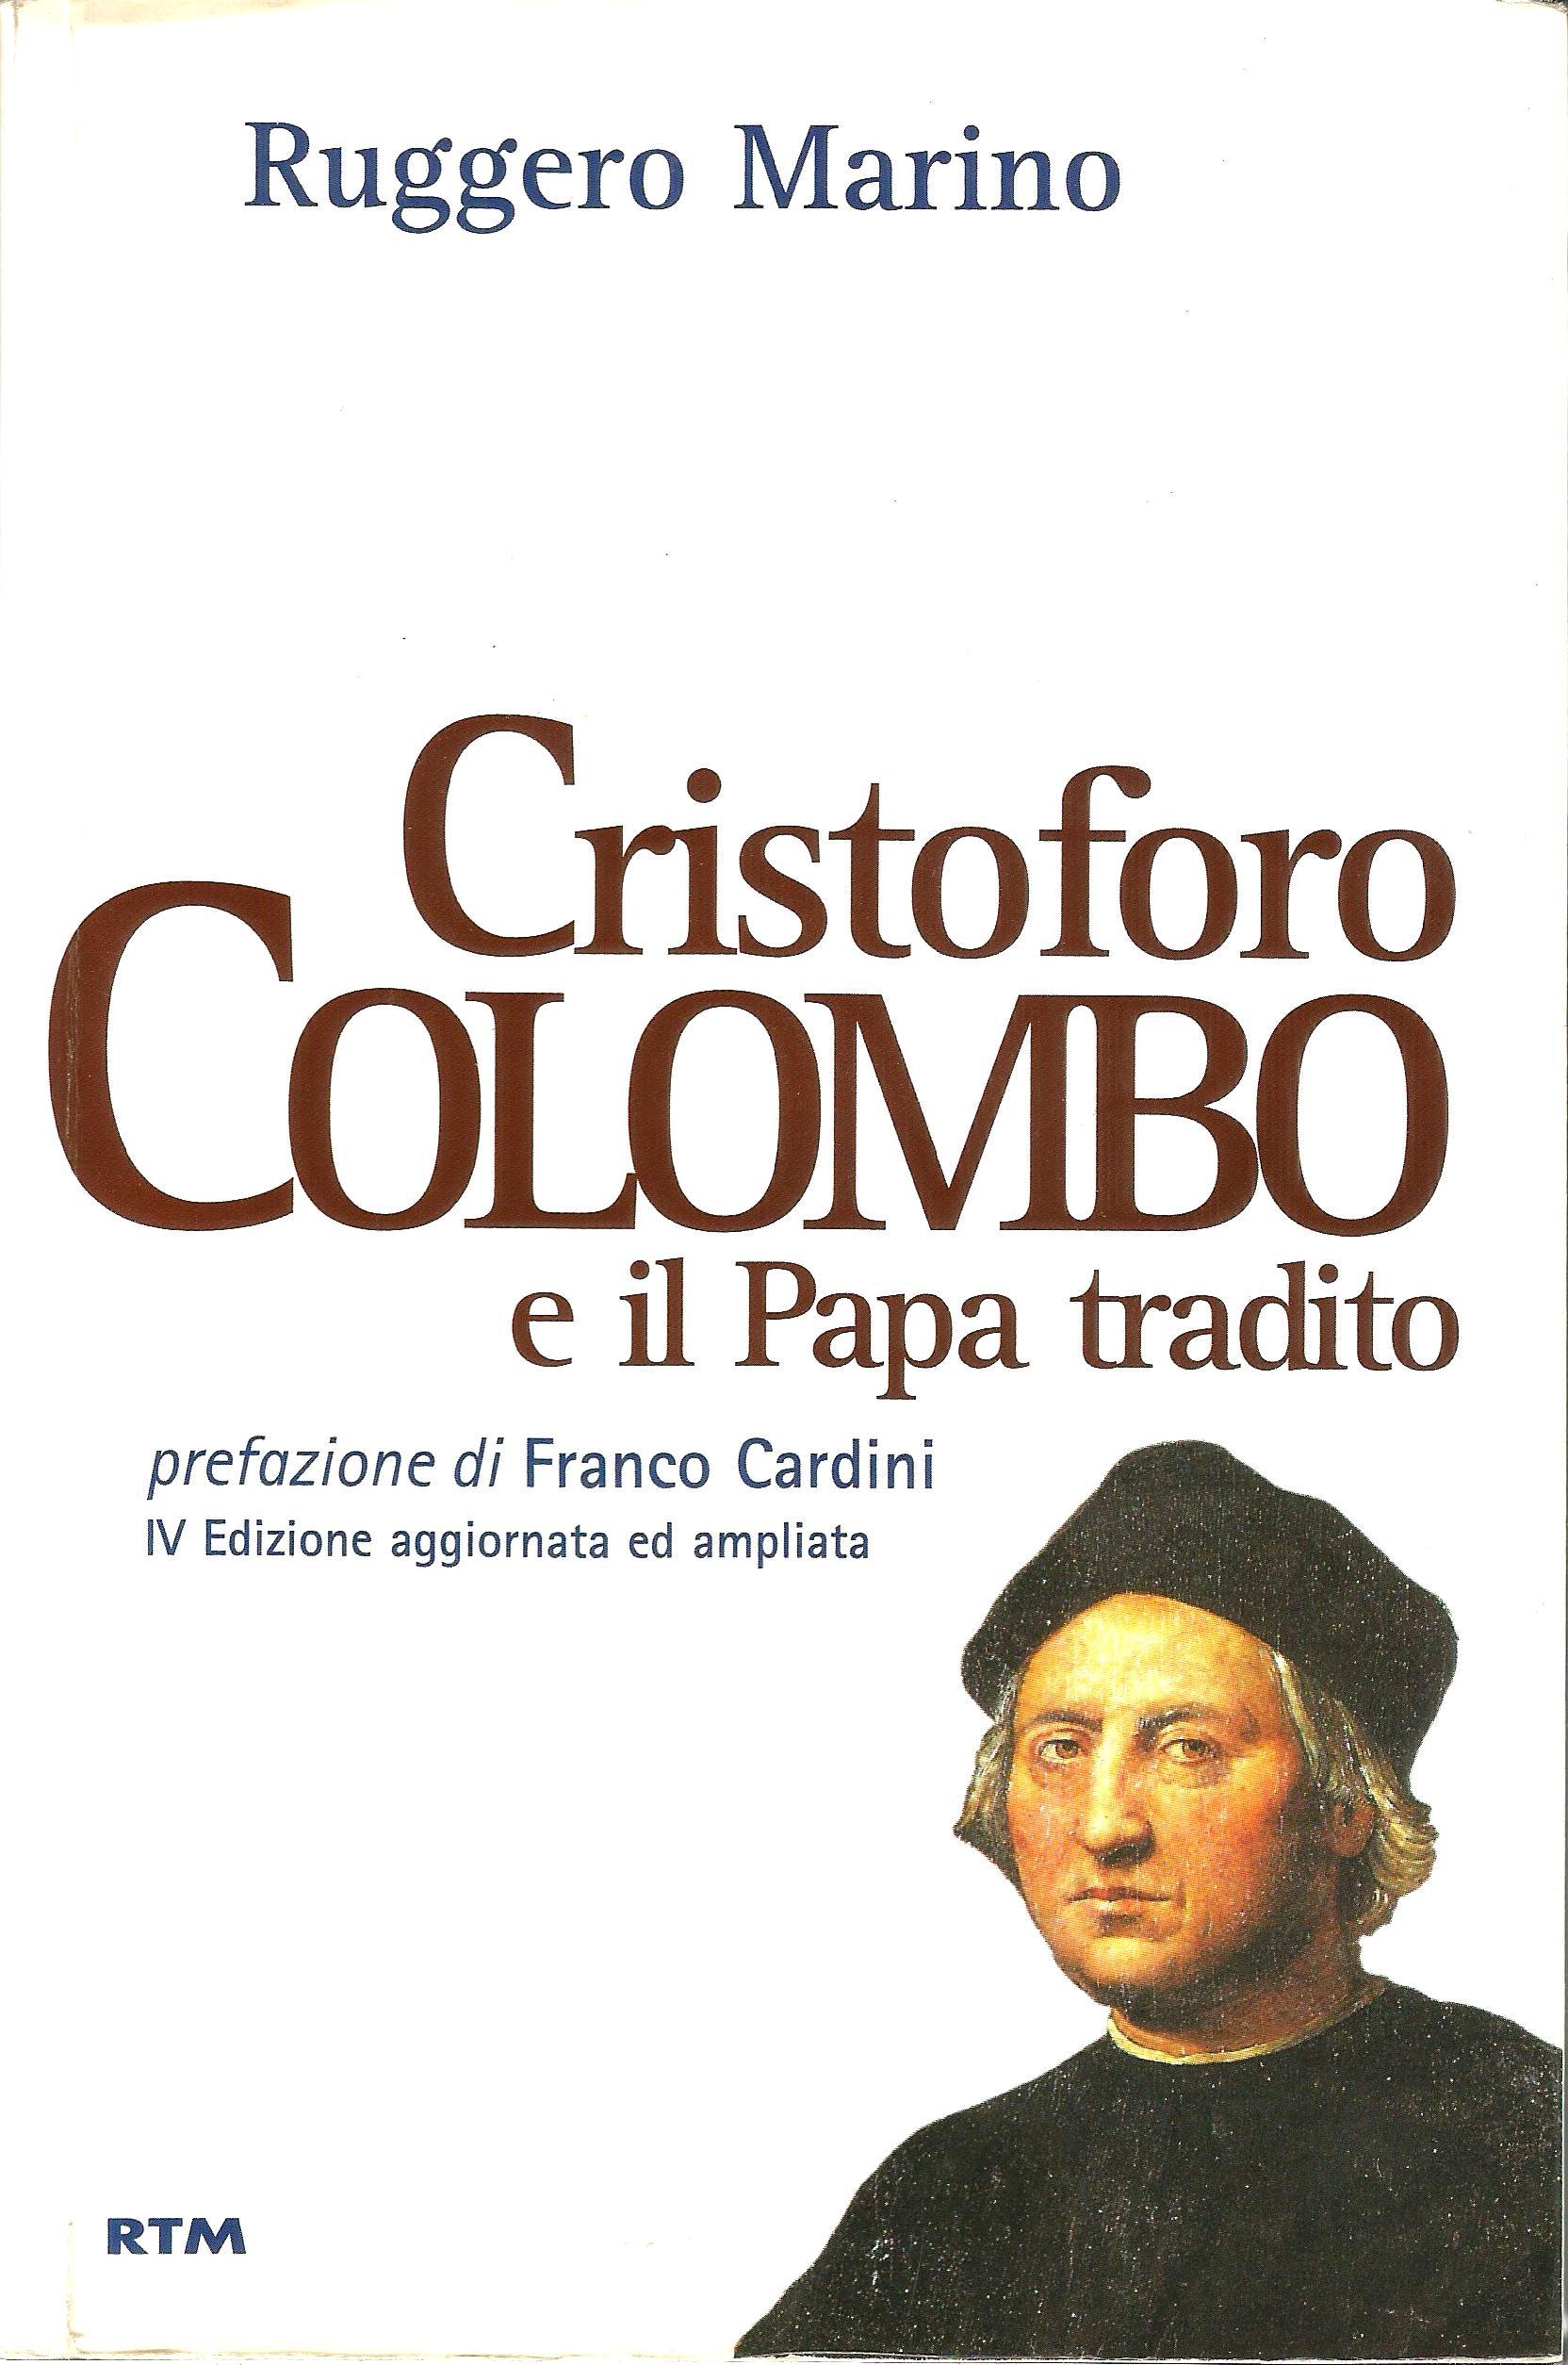 Ruggero Marino Cristoforo Colombo Ruggero Marino